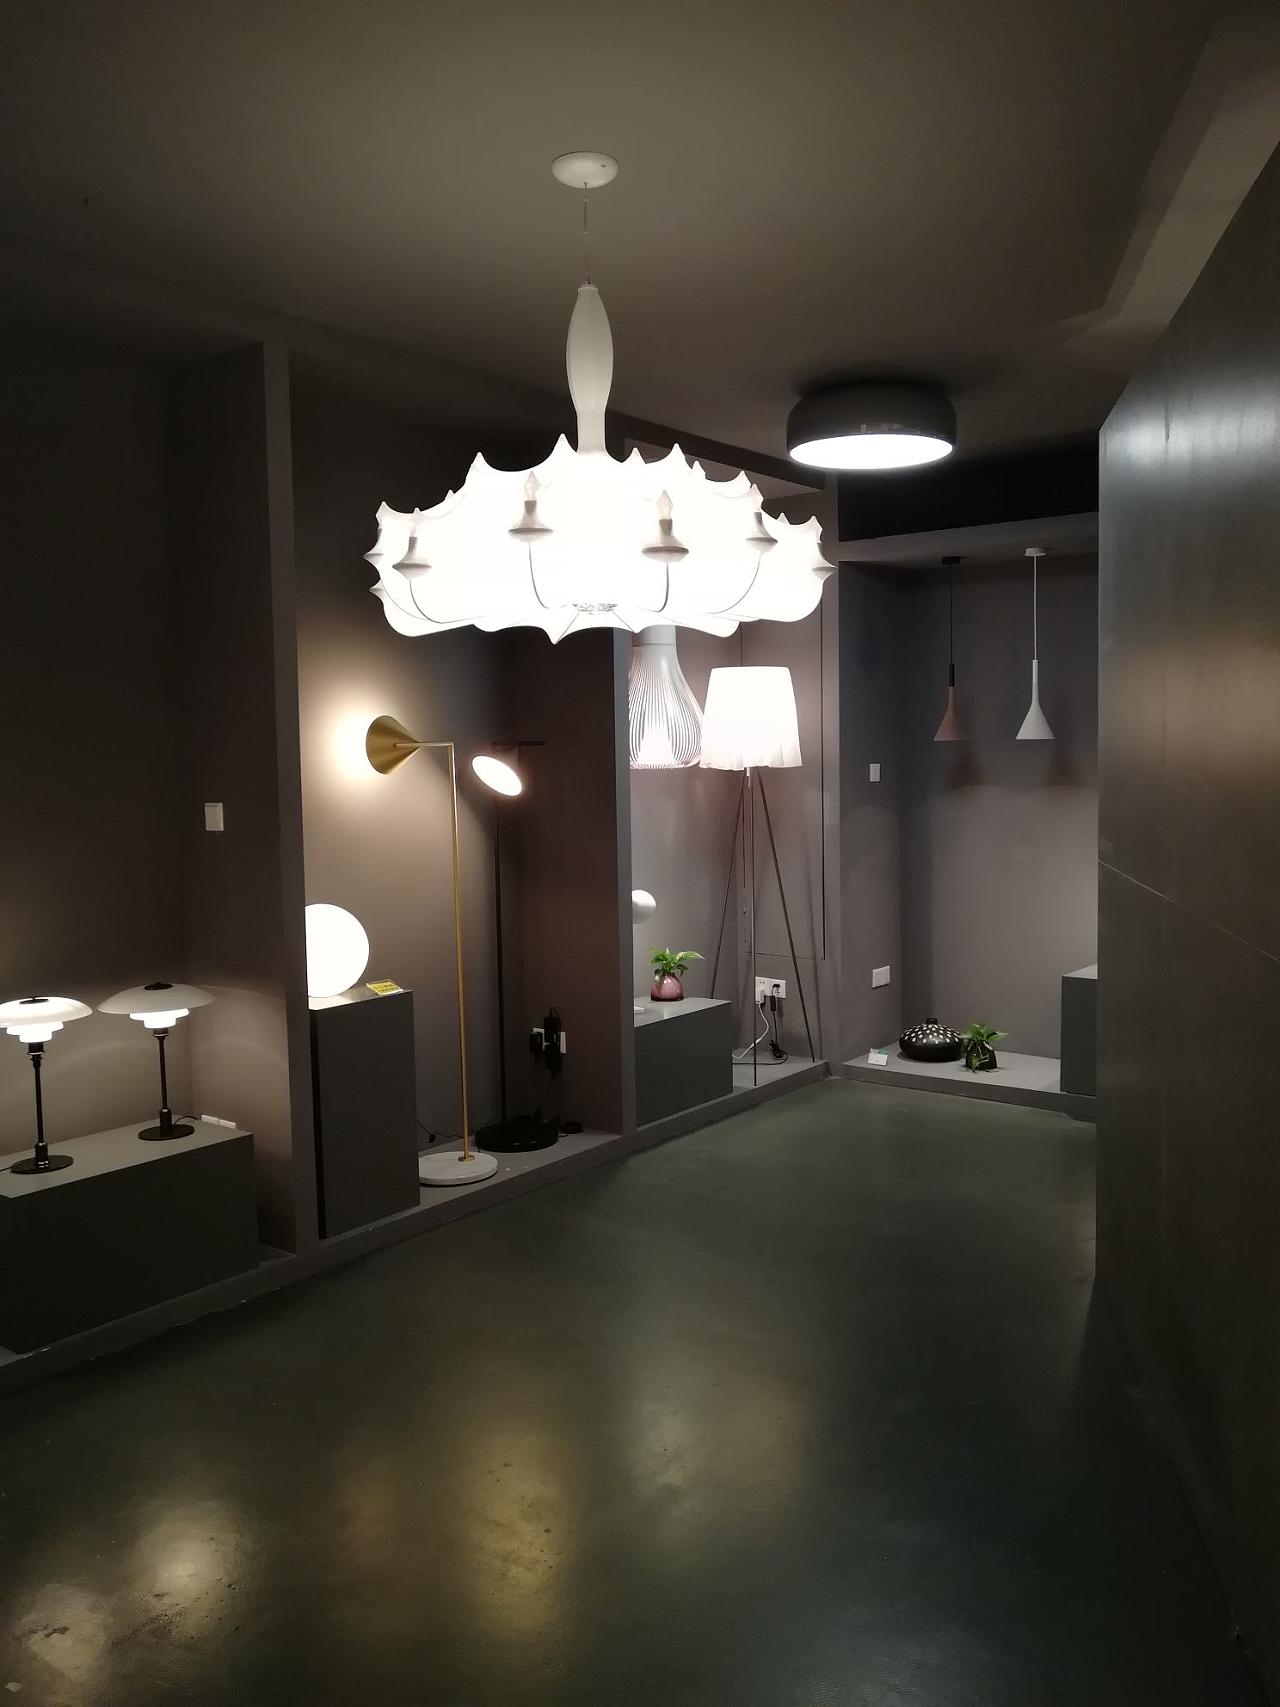 展厅平面设计图_杭州大厦FLOS灯具展厅|空间|室内设计|室内设计工作者 - 原创作品 ...